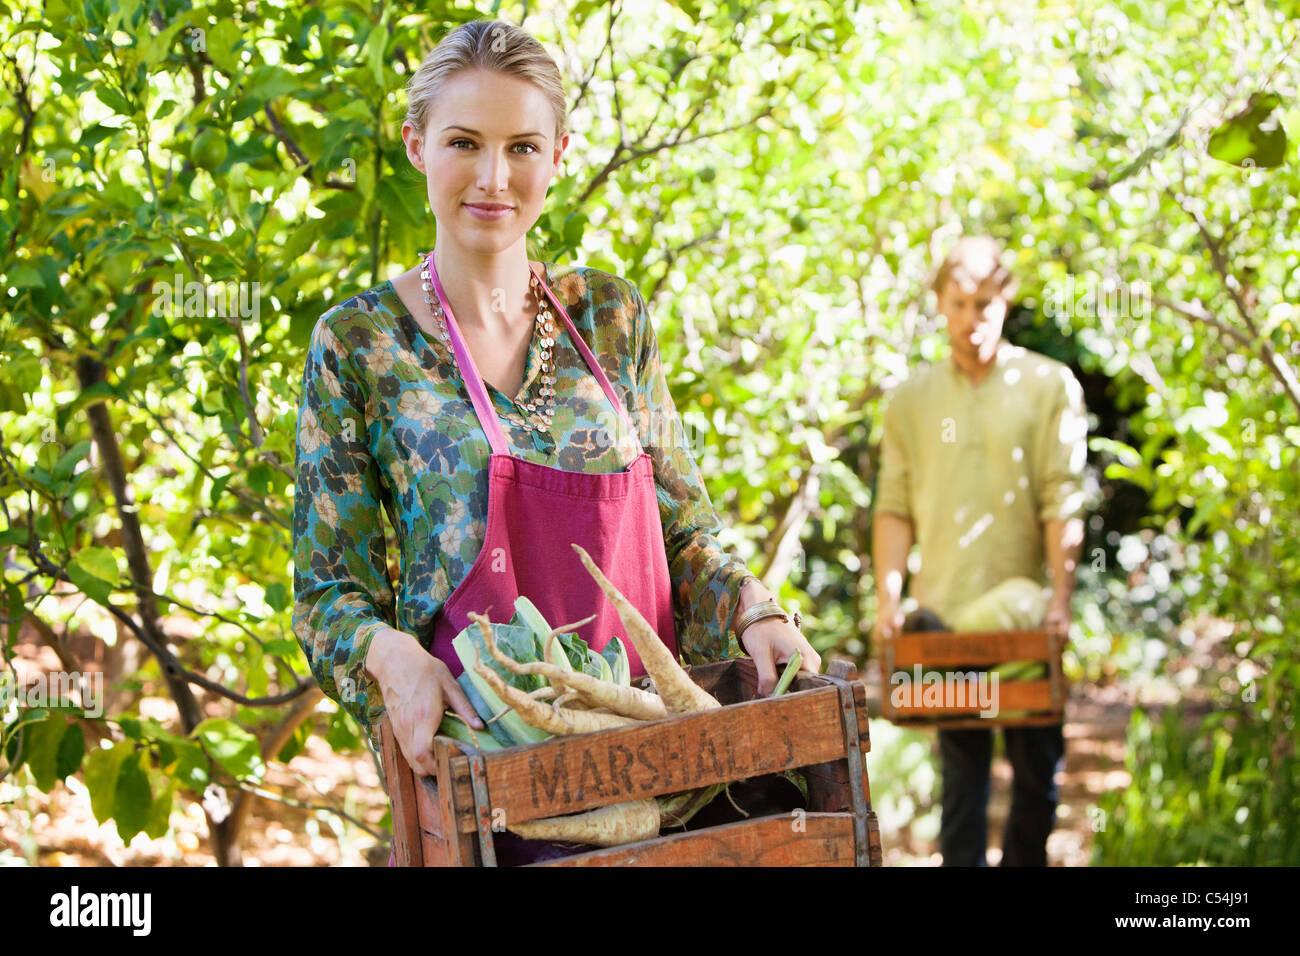 Smiling woman holding un cageot de radis Photo Stock